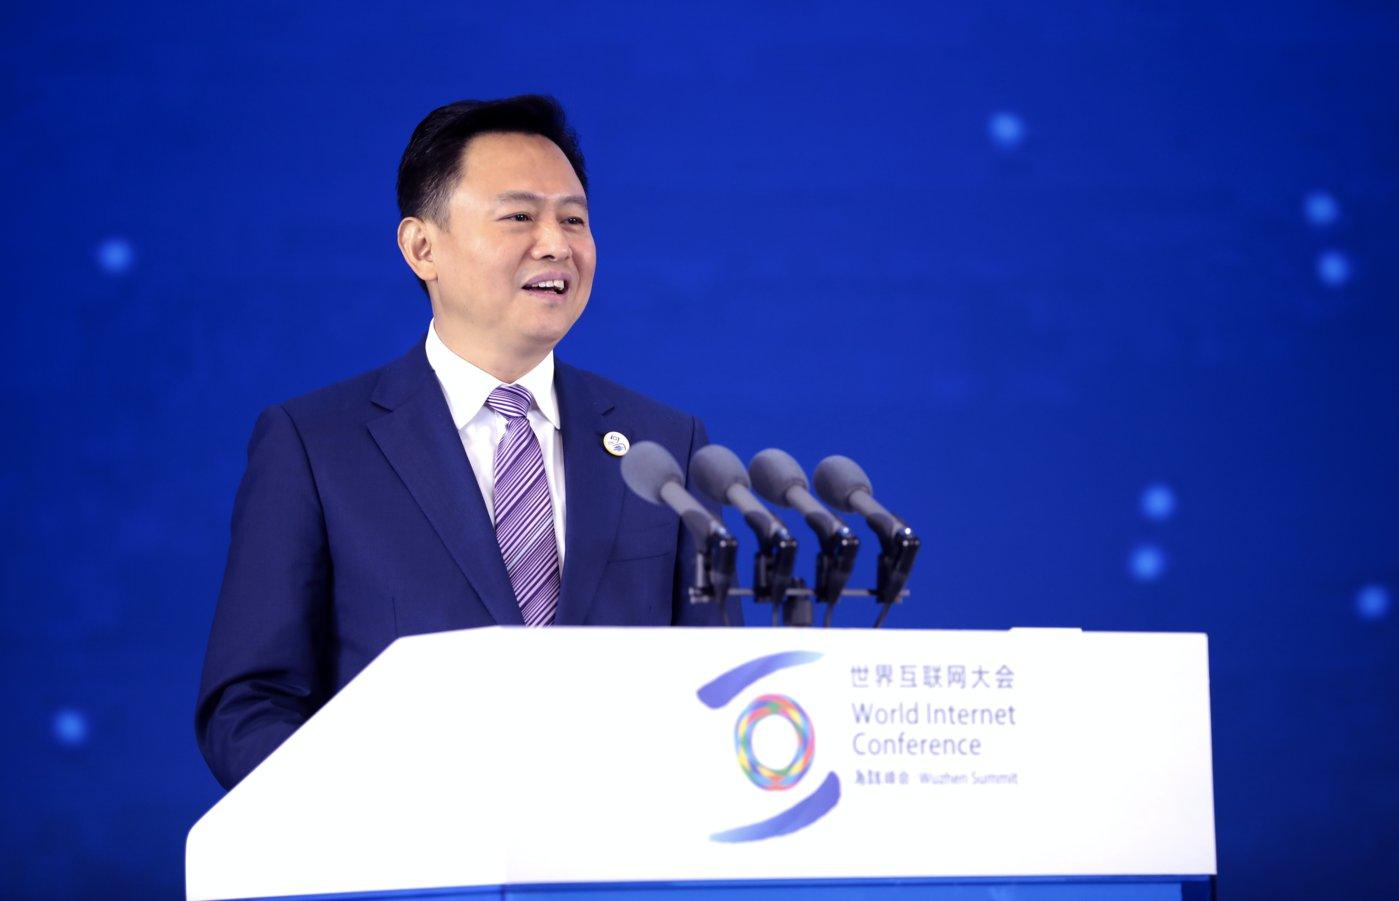 一汽集团董事长徐留平